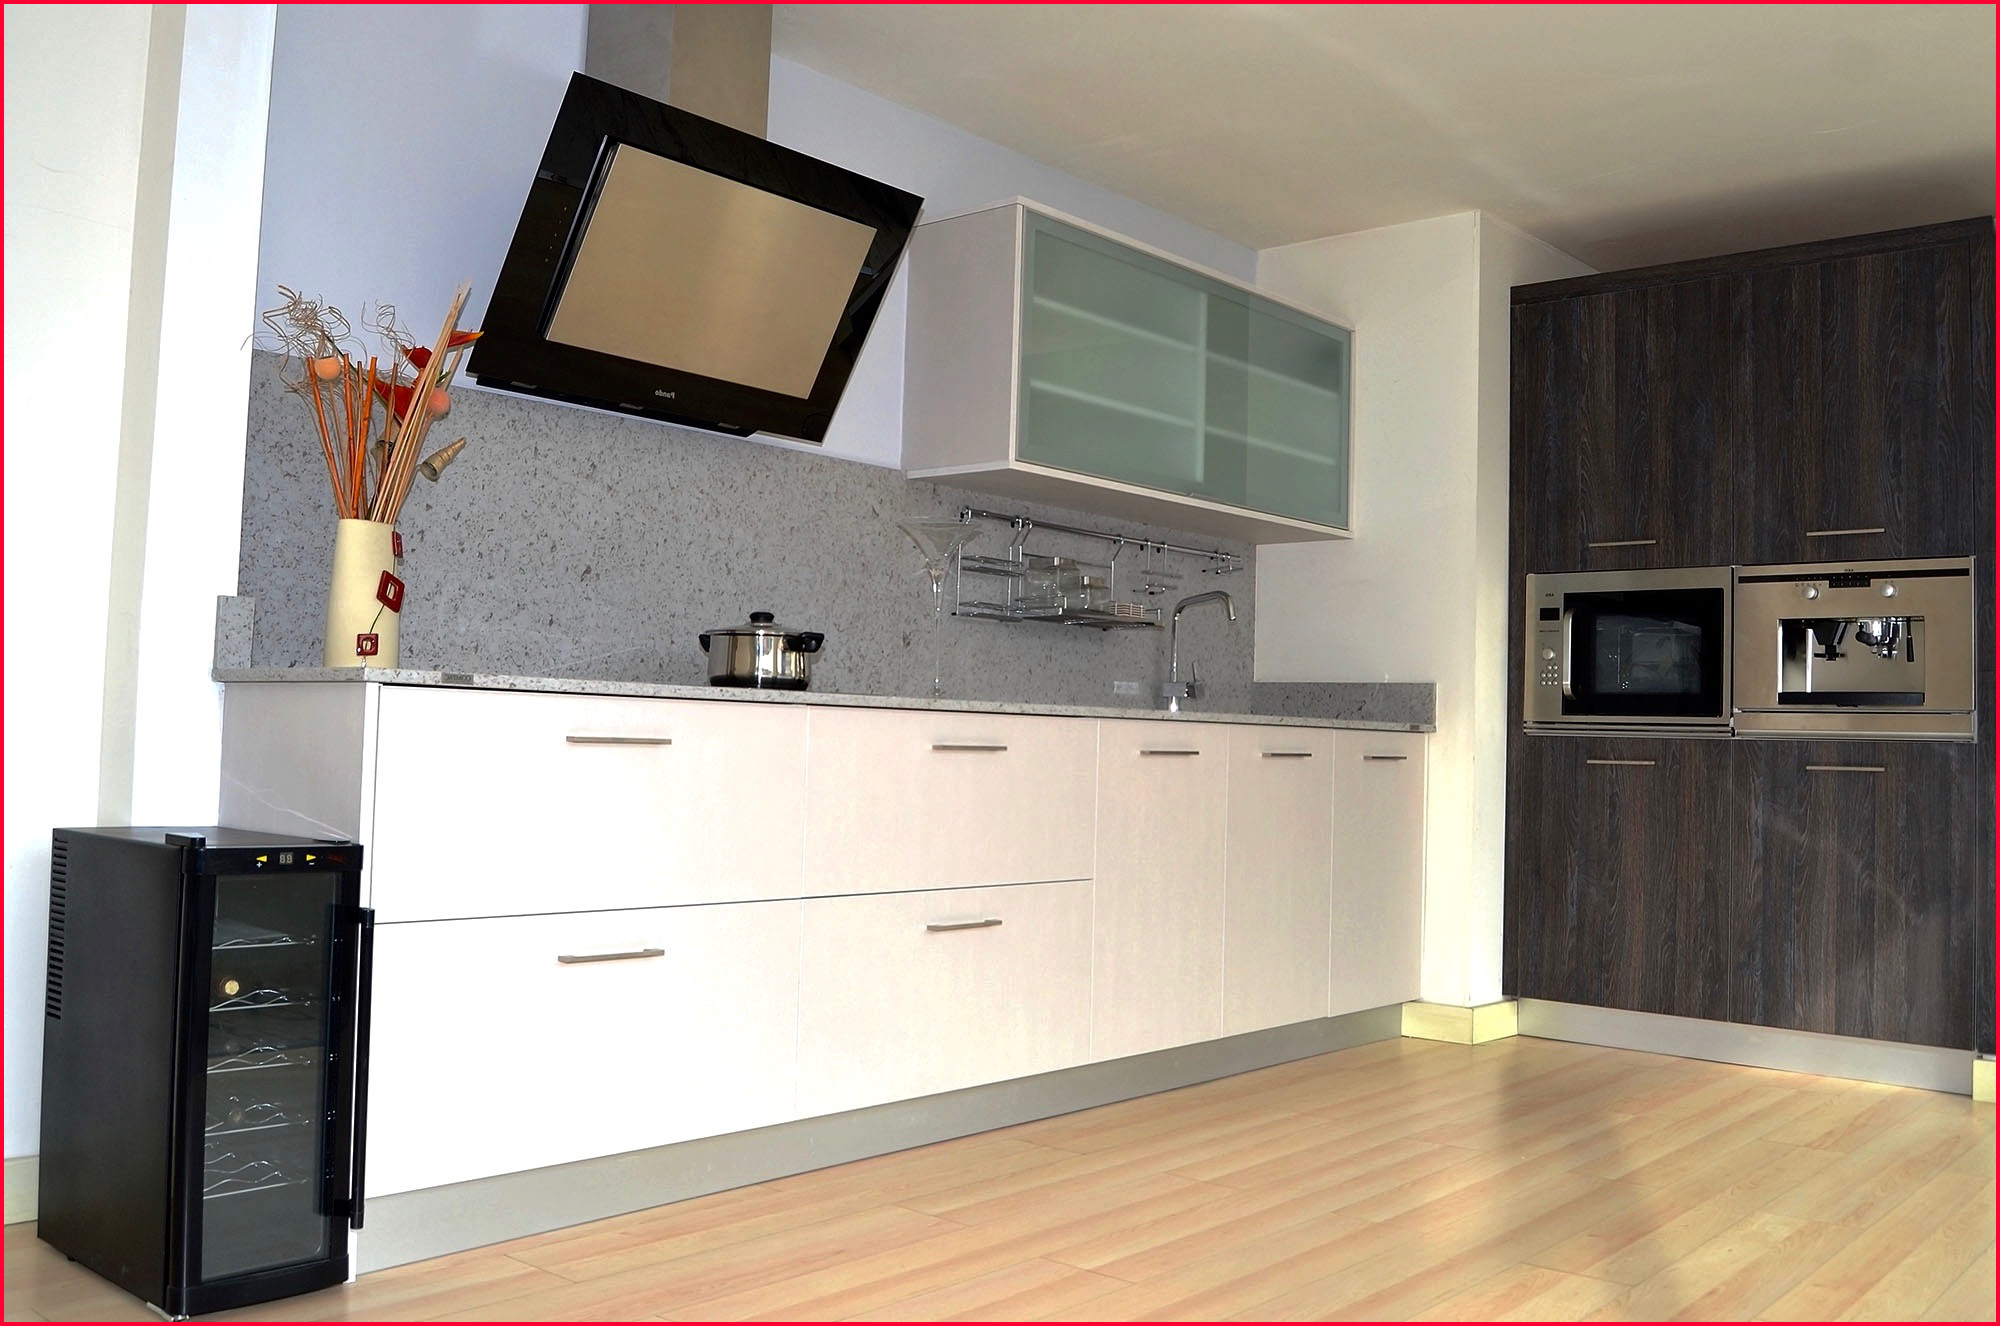 Muebles Santander 4pde Cocinas Santander Cocinas Gama Quality Archivos Josman